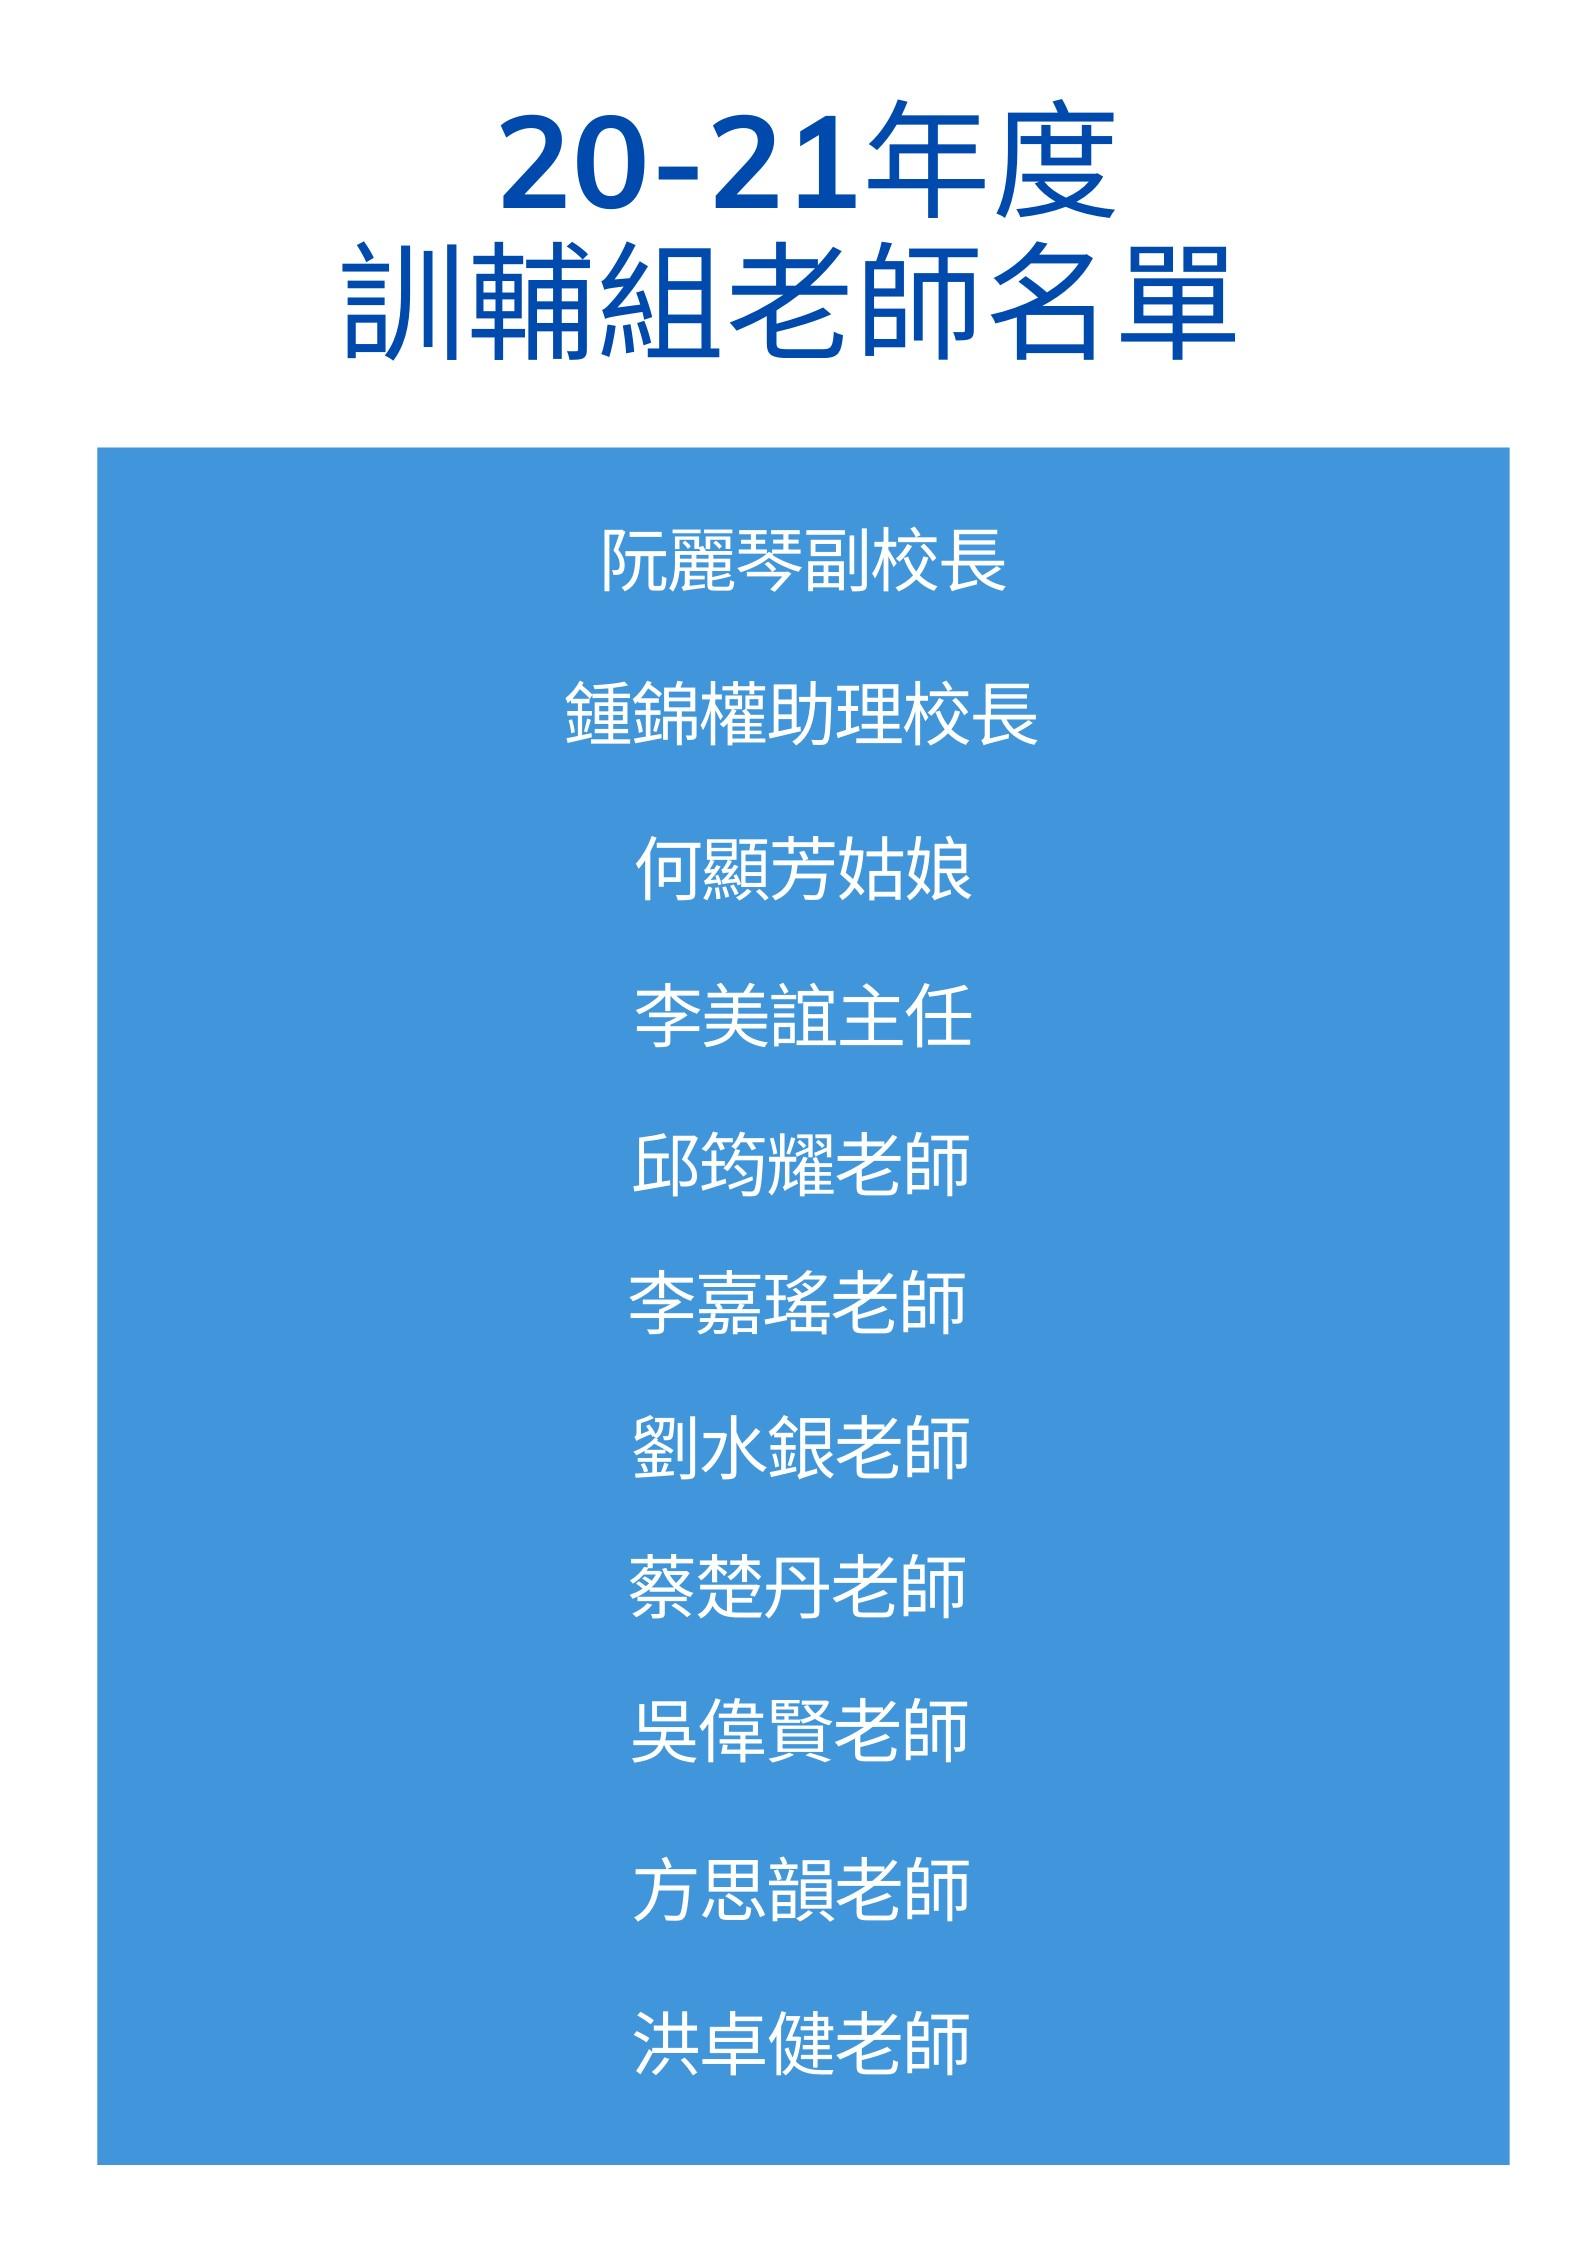 20-21年度訓輔組老師名單